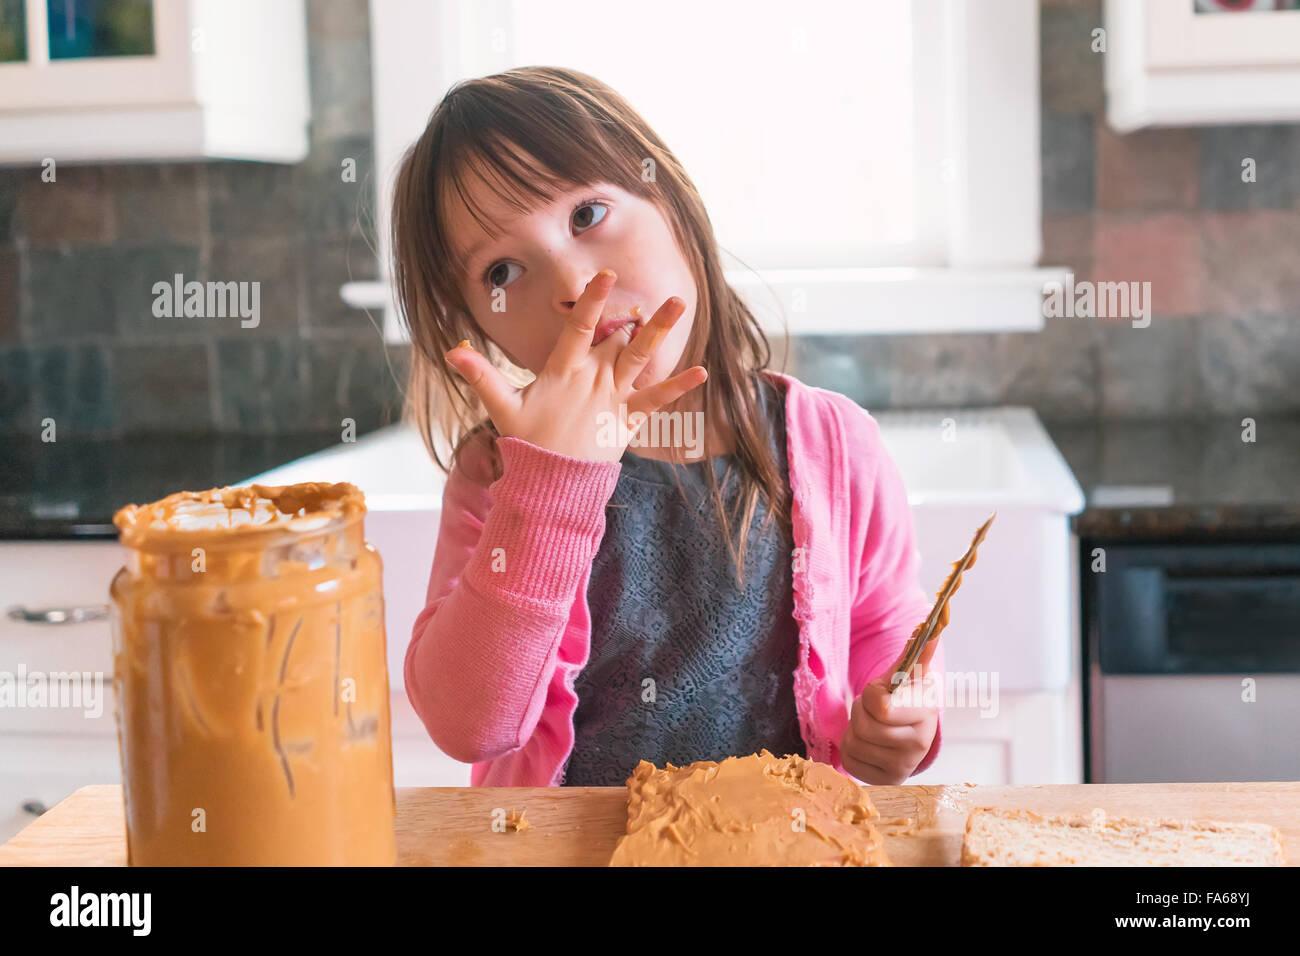 Ragazza rendendo sandwich al burro di arachidi, leccarsi le dita Immagini Stock